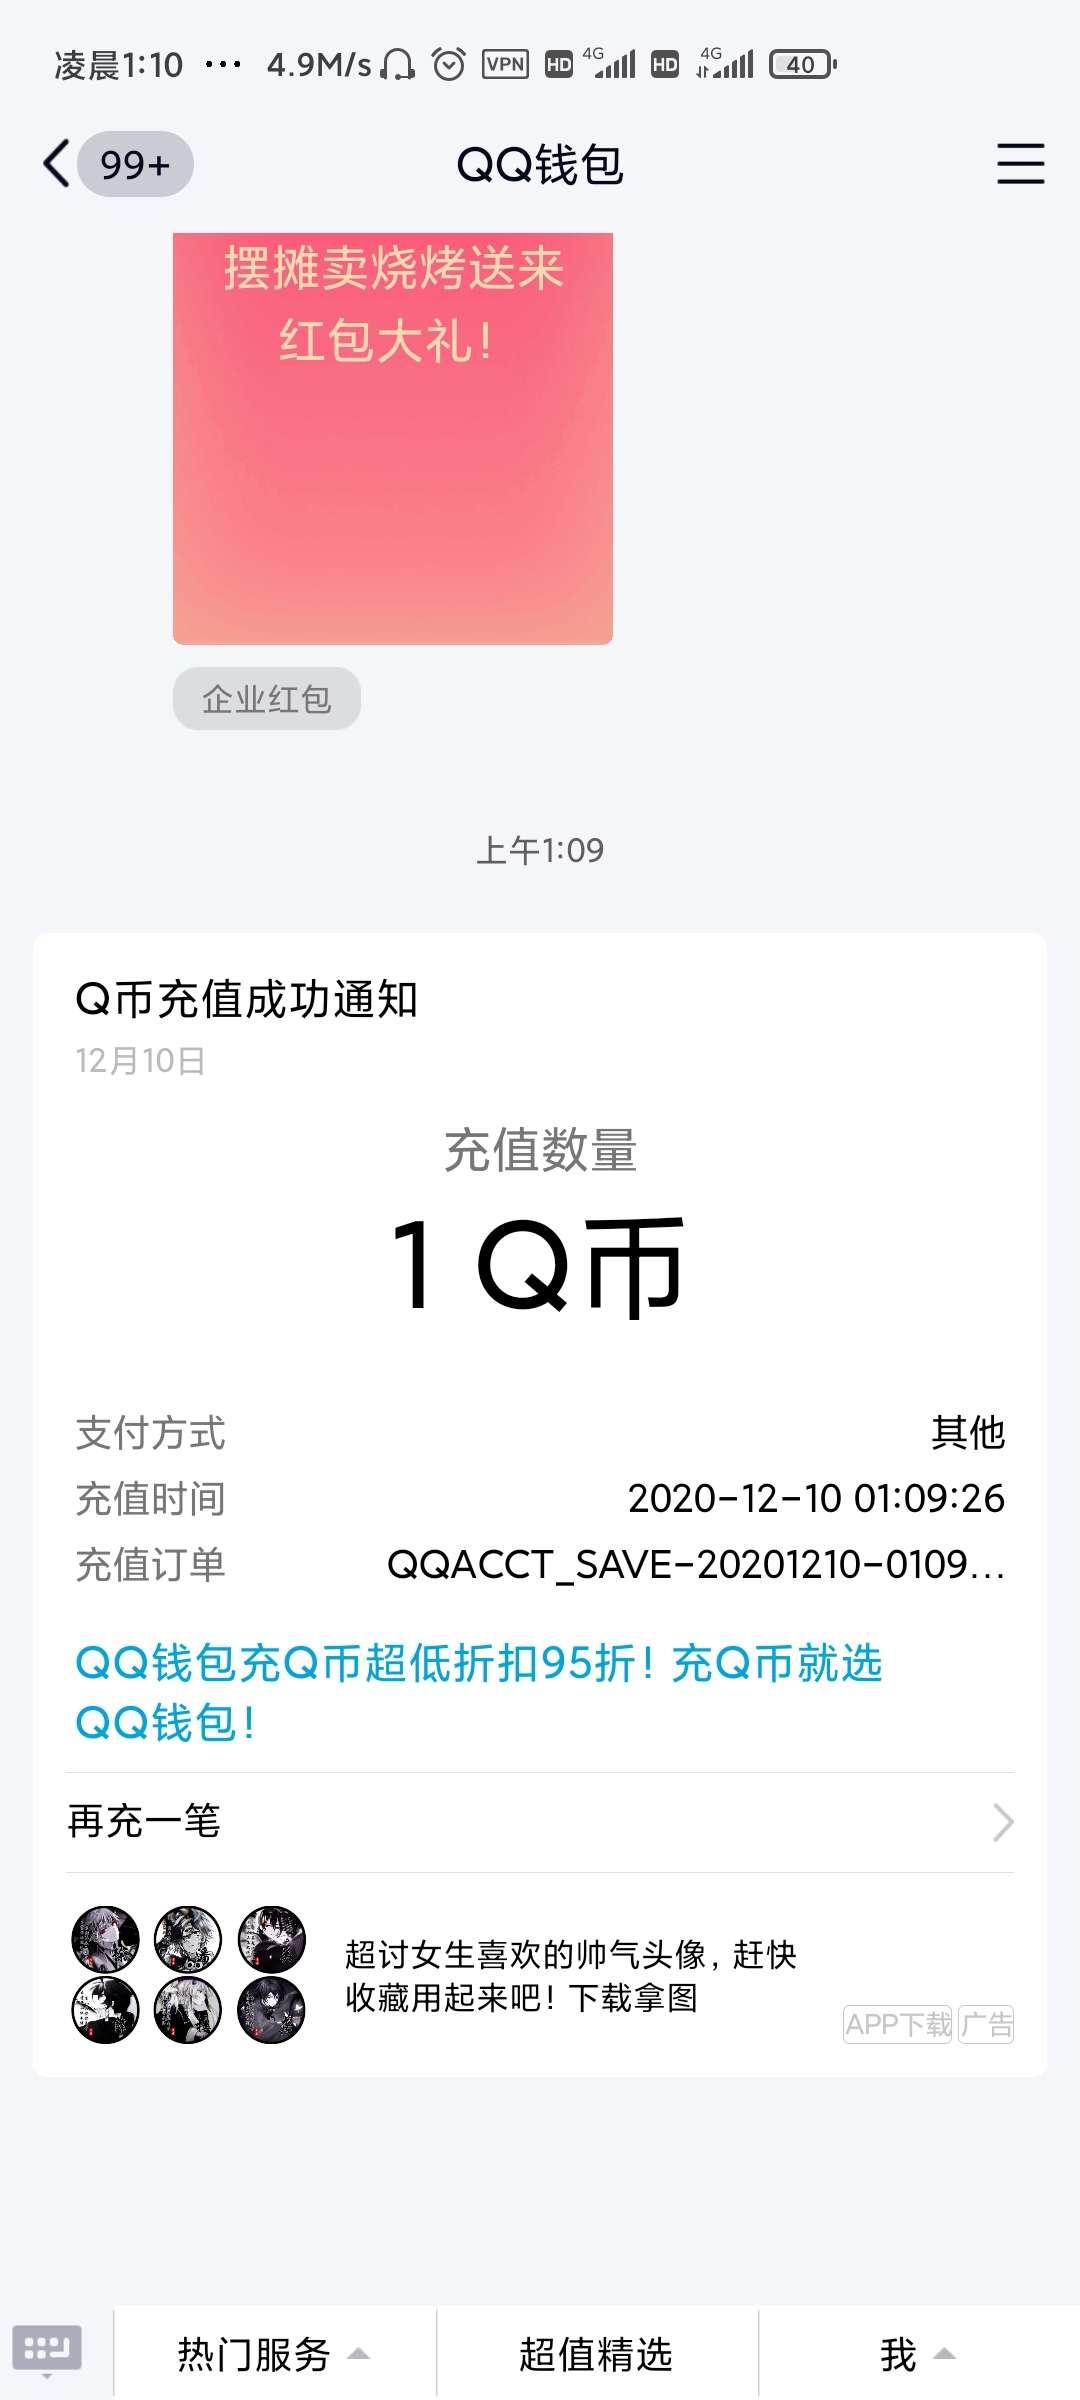 【虚拟物品】预约游戏领QB-聚合资源网